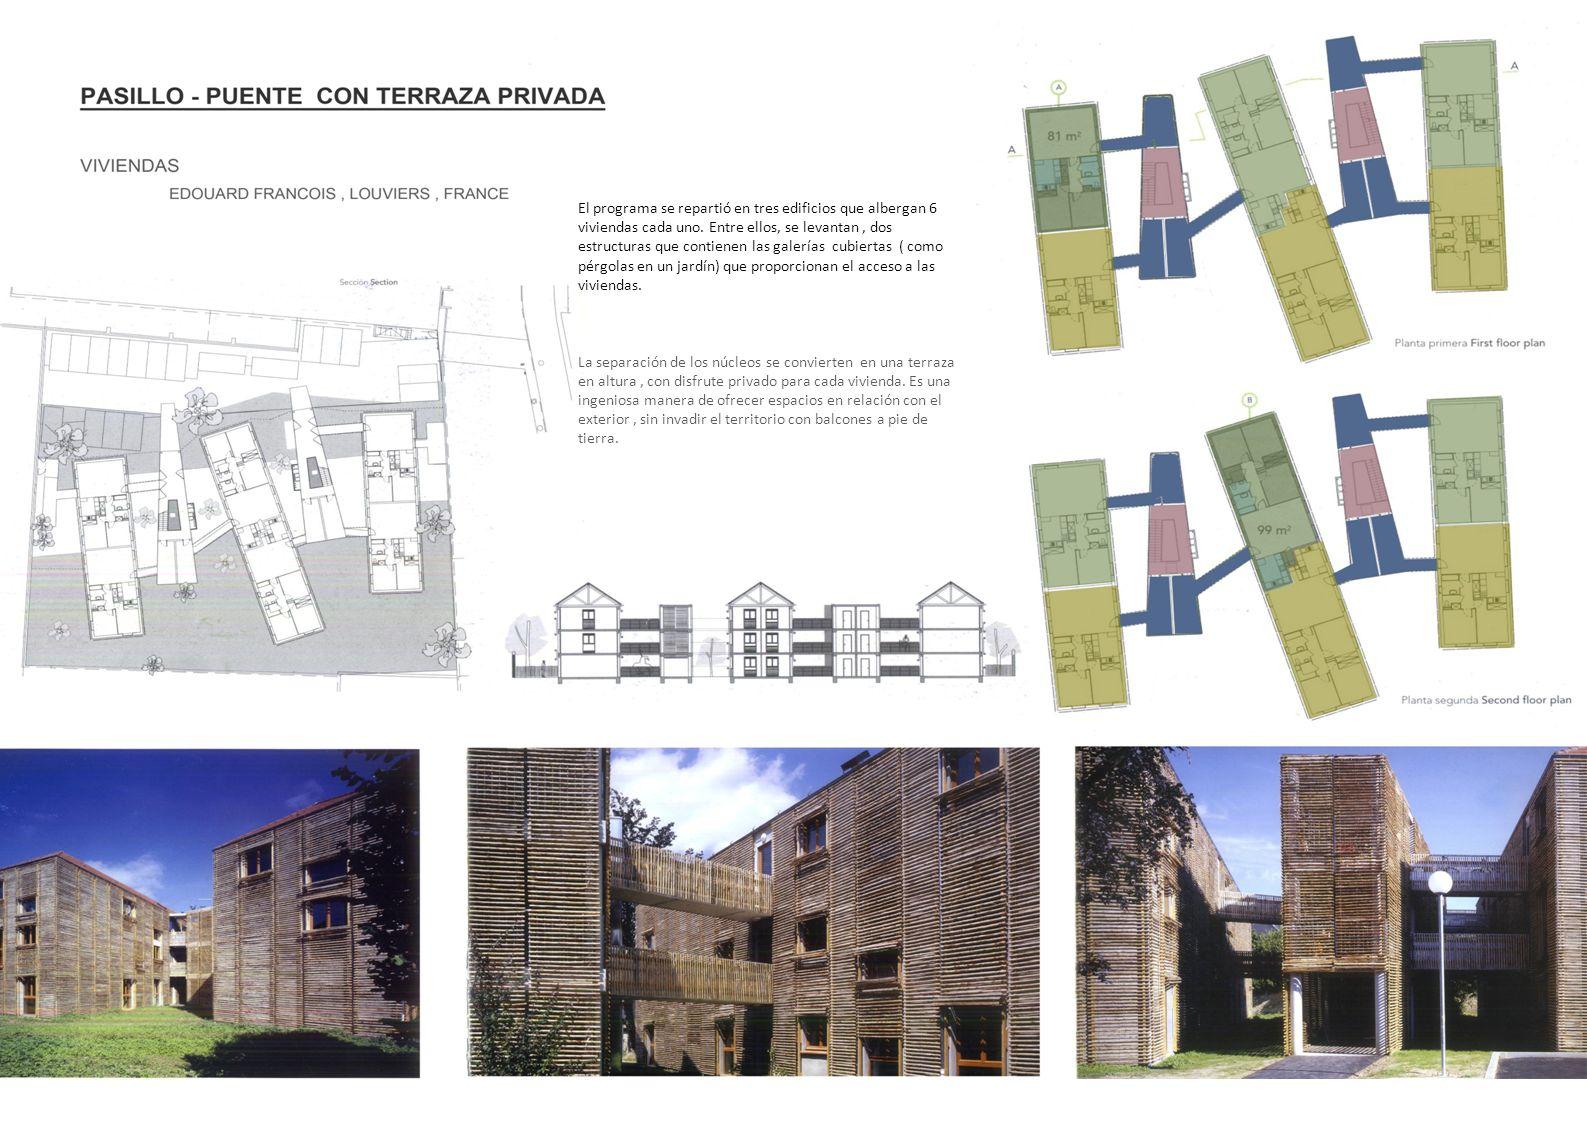 El proyecto consta de 6 edificios de viviendas colectivas en la región de Shinonome.